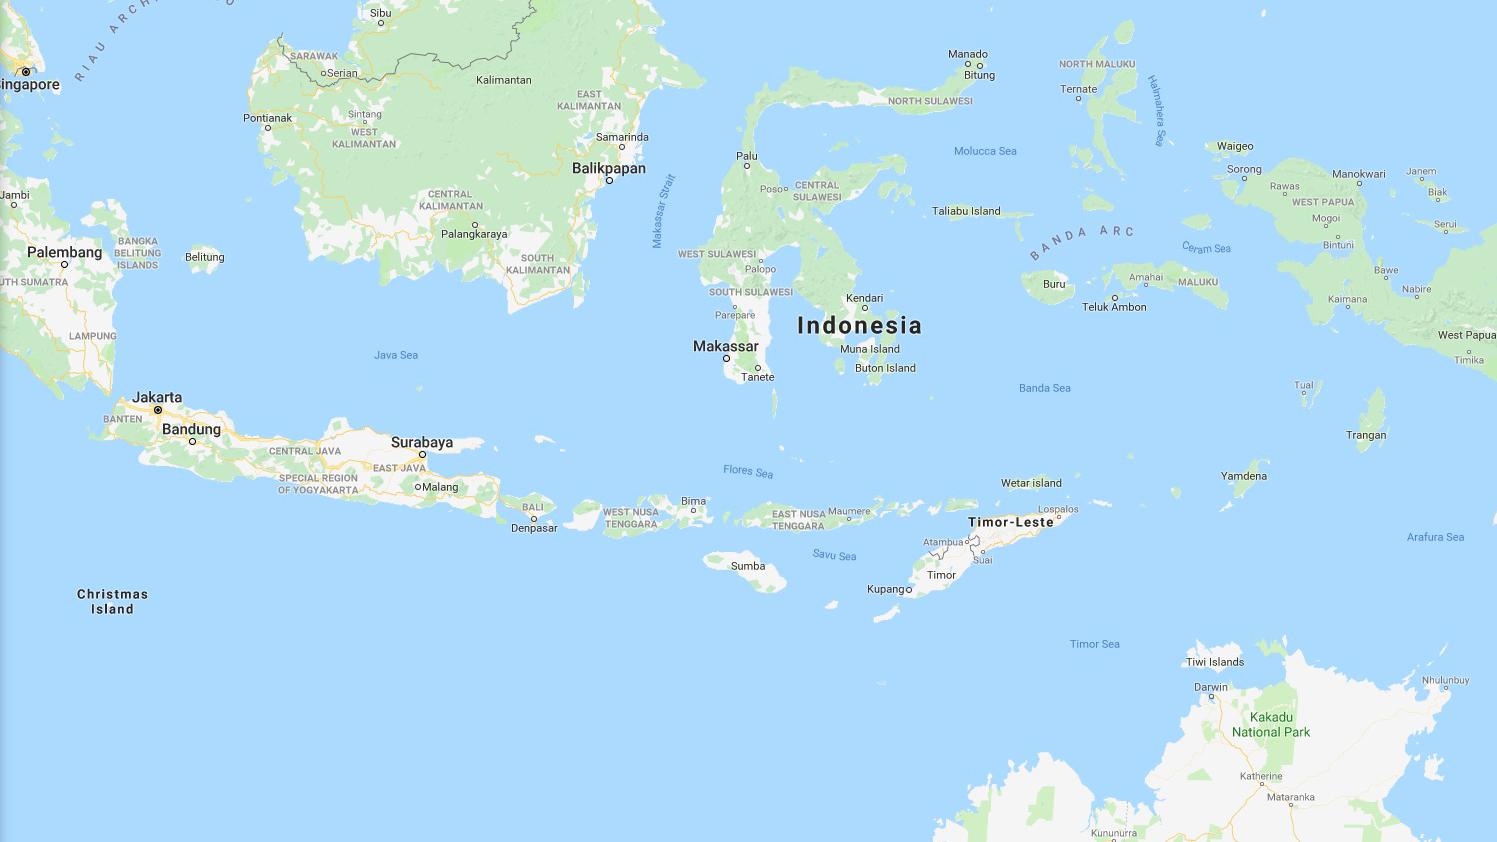 Focus on Indonesia